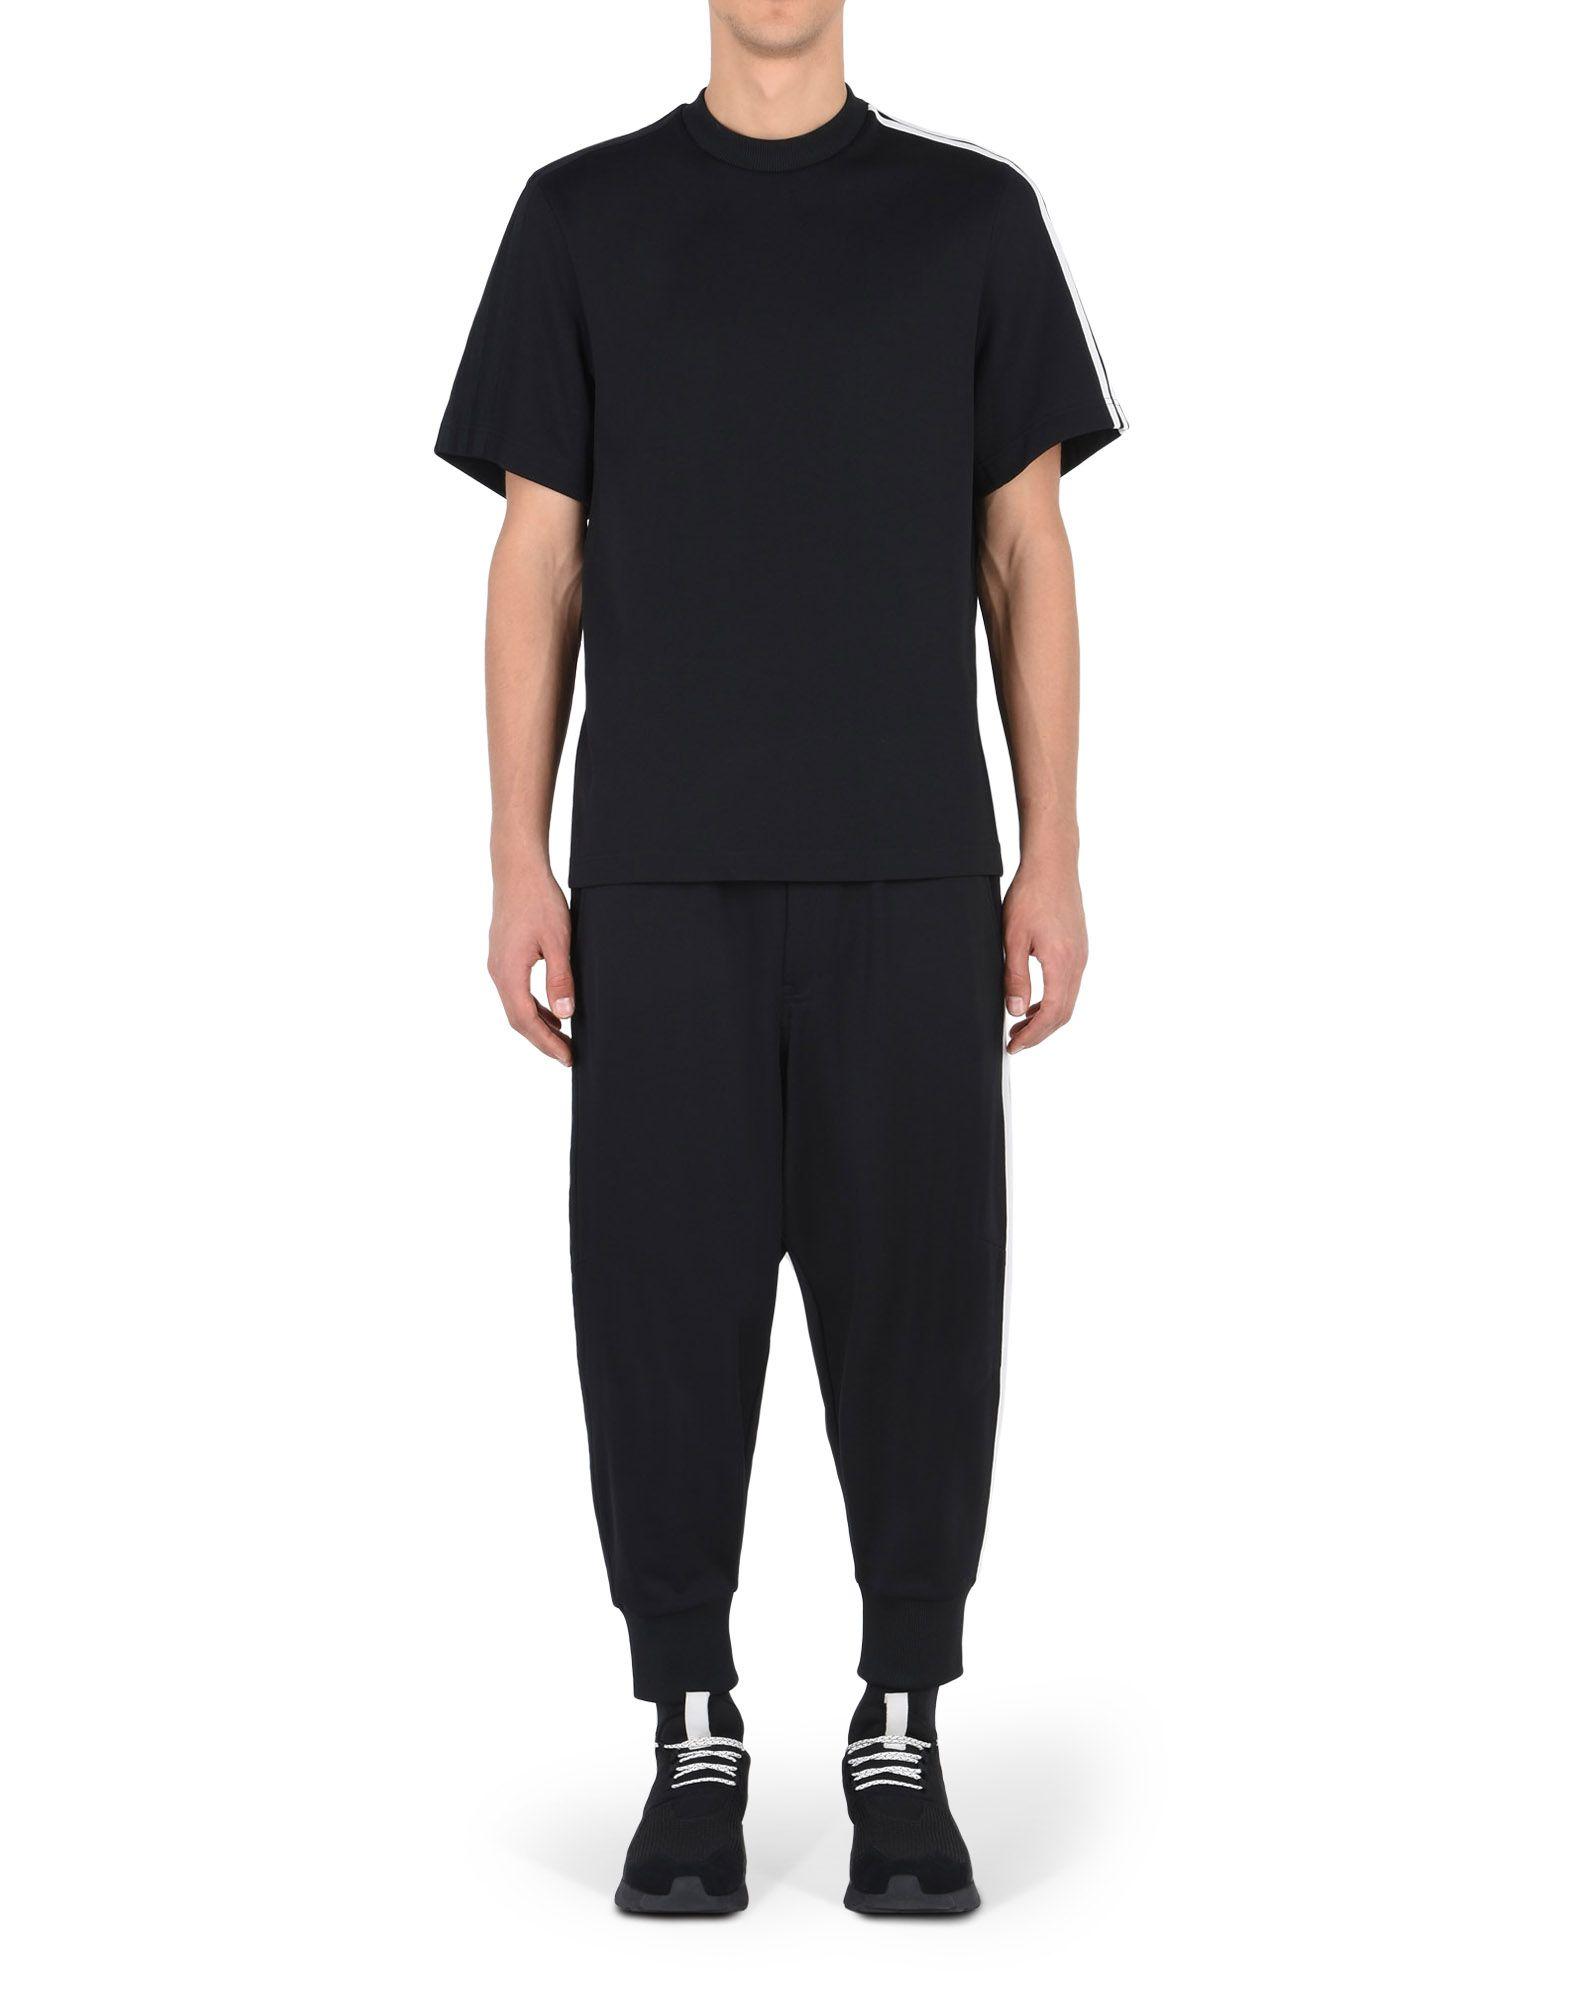 Y 3 3 Stripes track pants negro para hombres Adidas y 3 Tienda Oficial